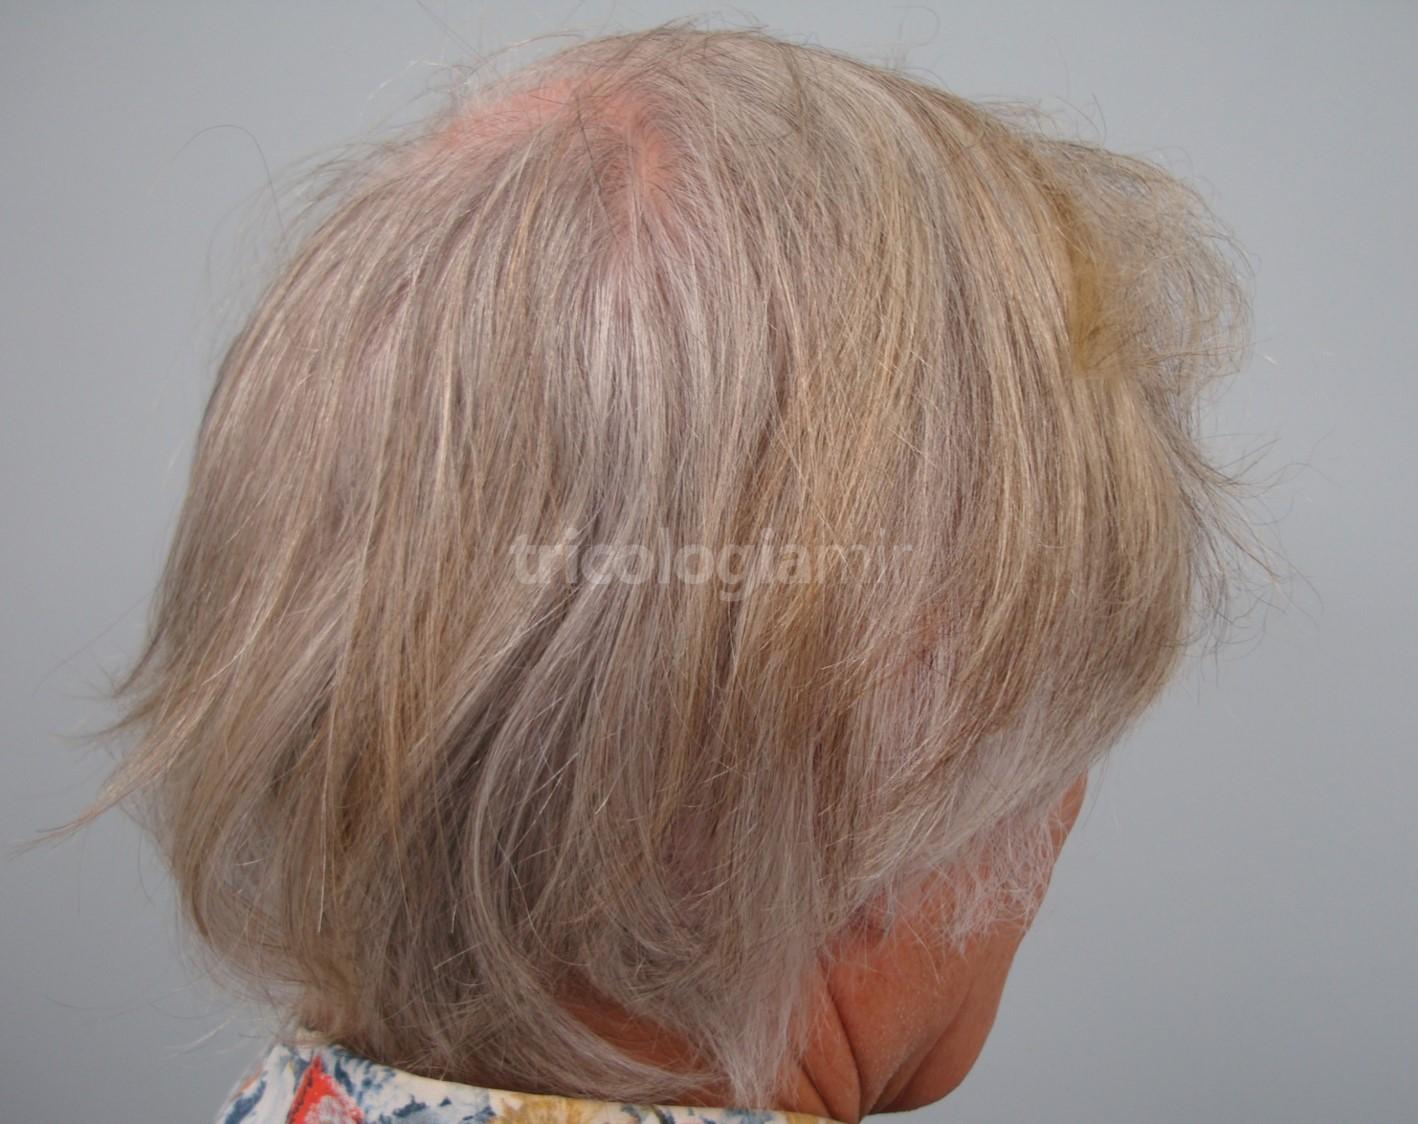 El pelo cubre totalmente la cicatriz, quedando totalmente invisible